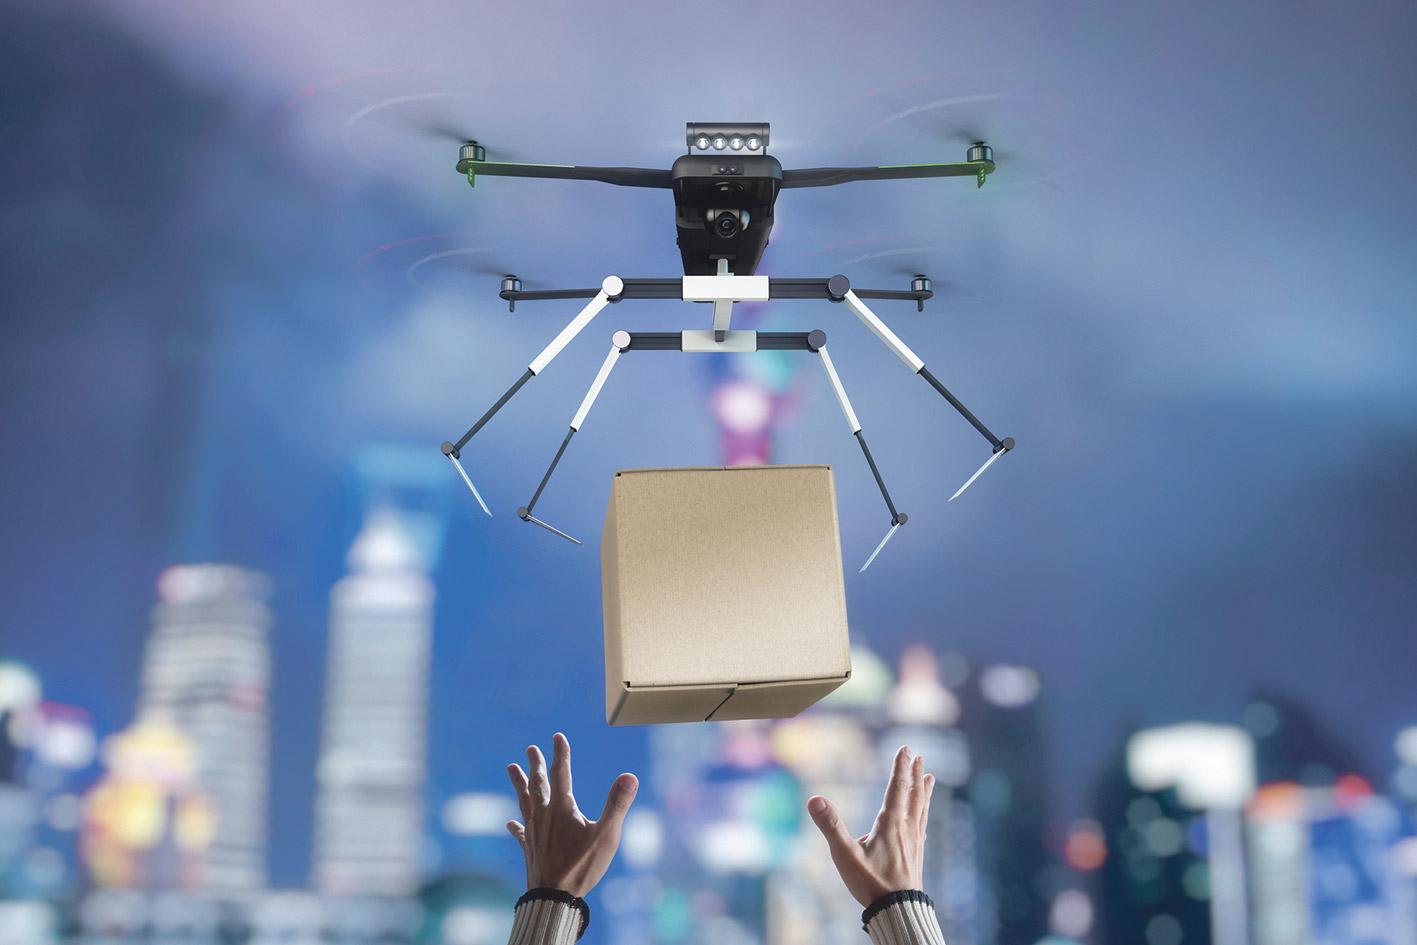 Eine Drohne liefert ein Paket ab.